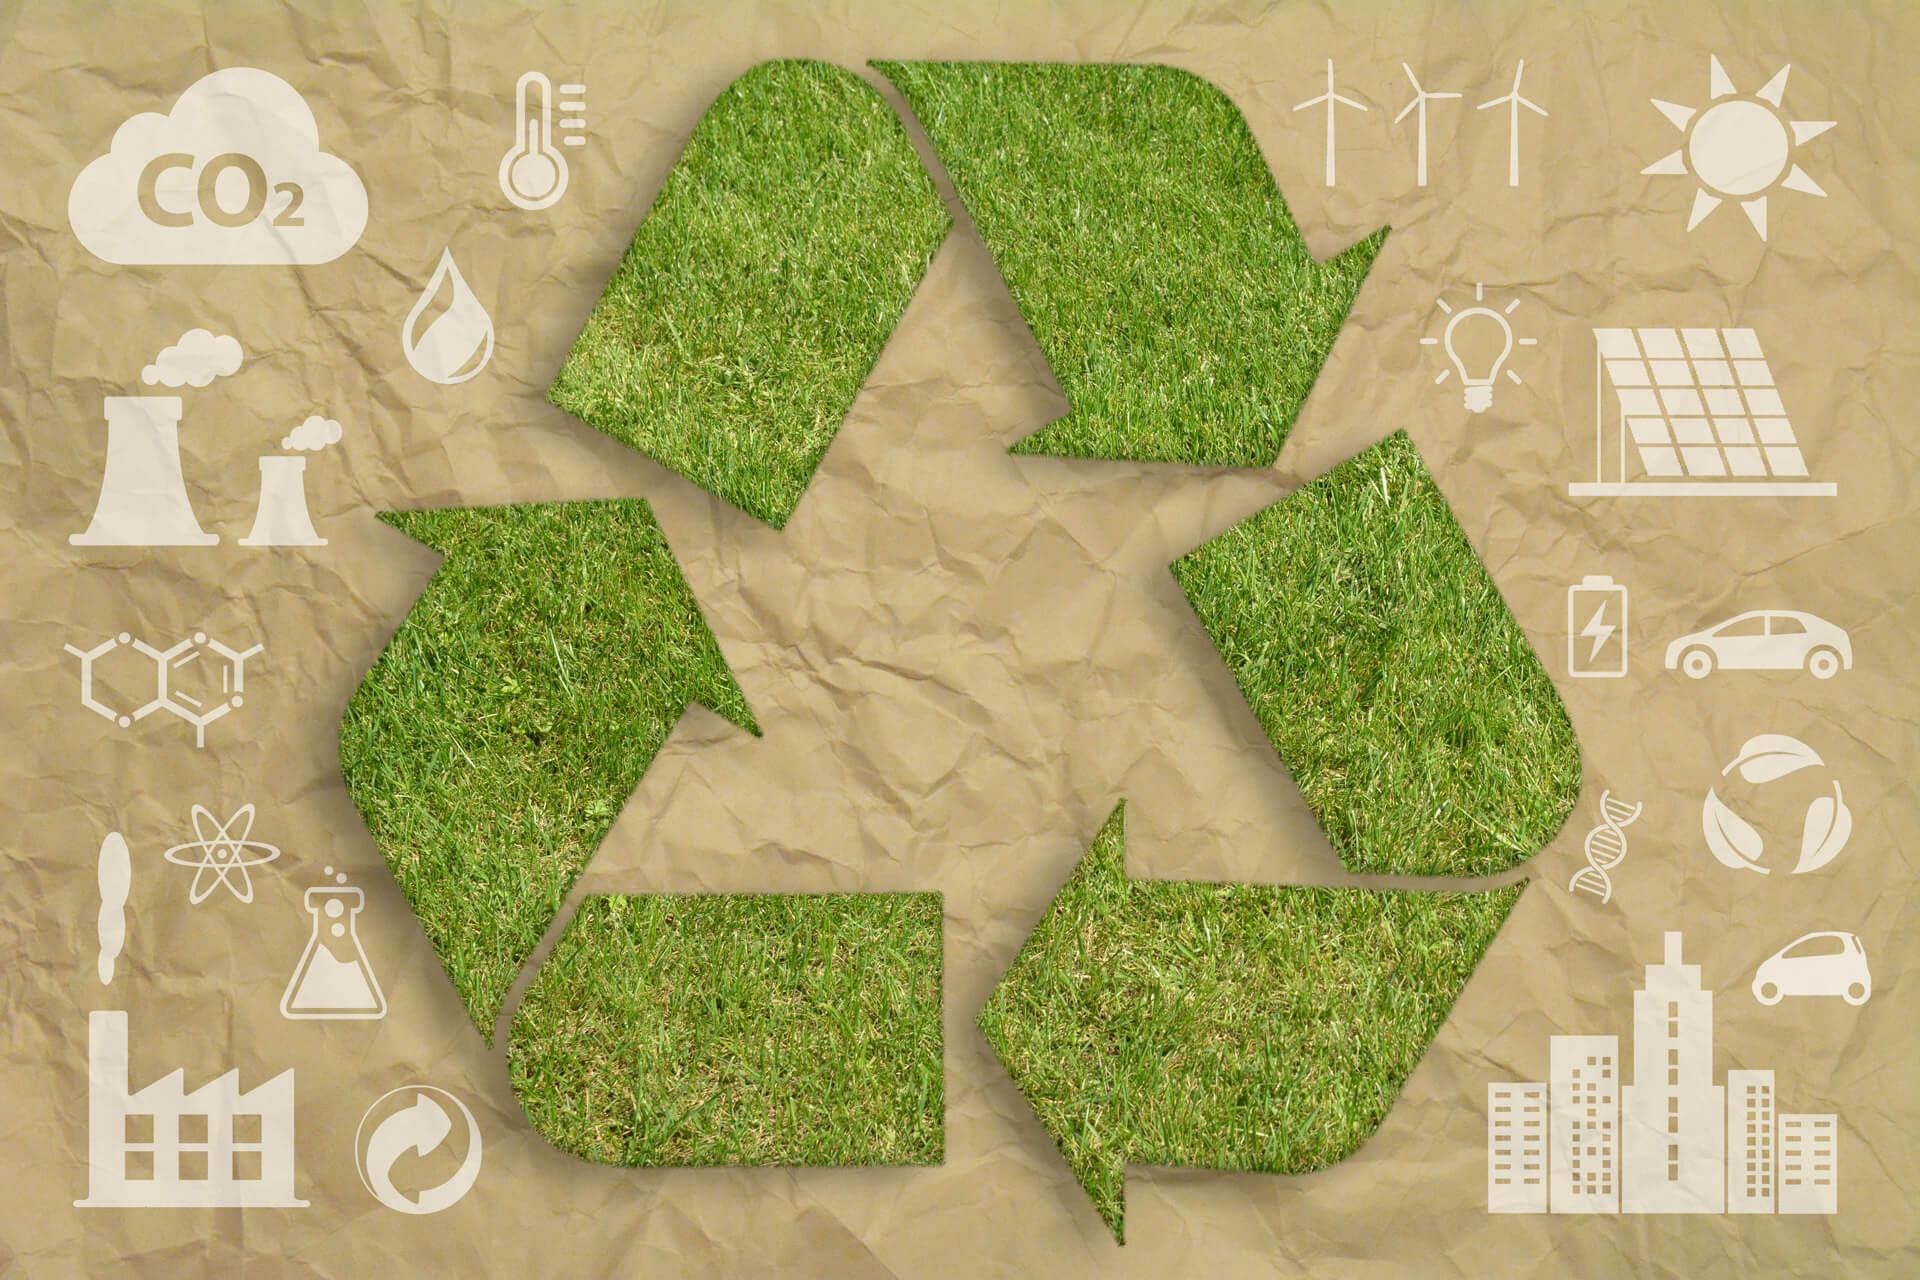 pratica-sustentavel-ransustentabilidade